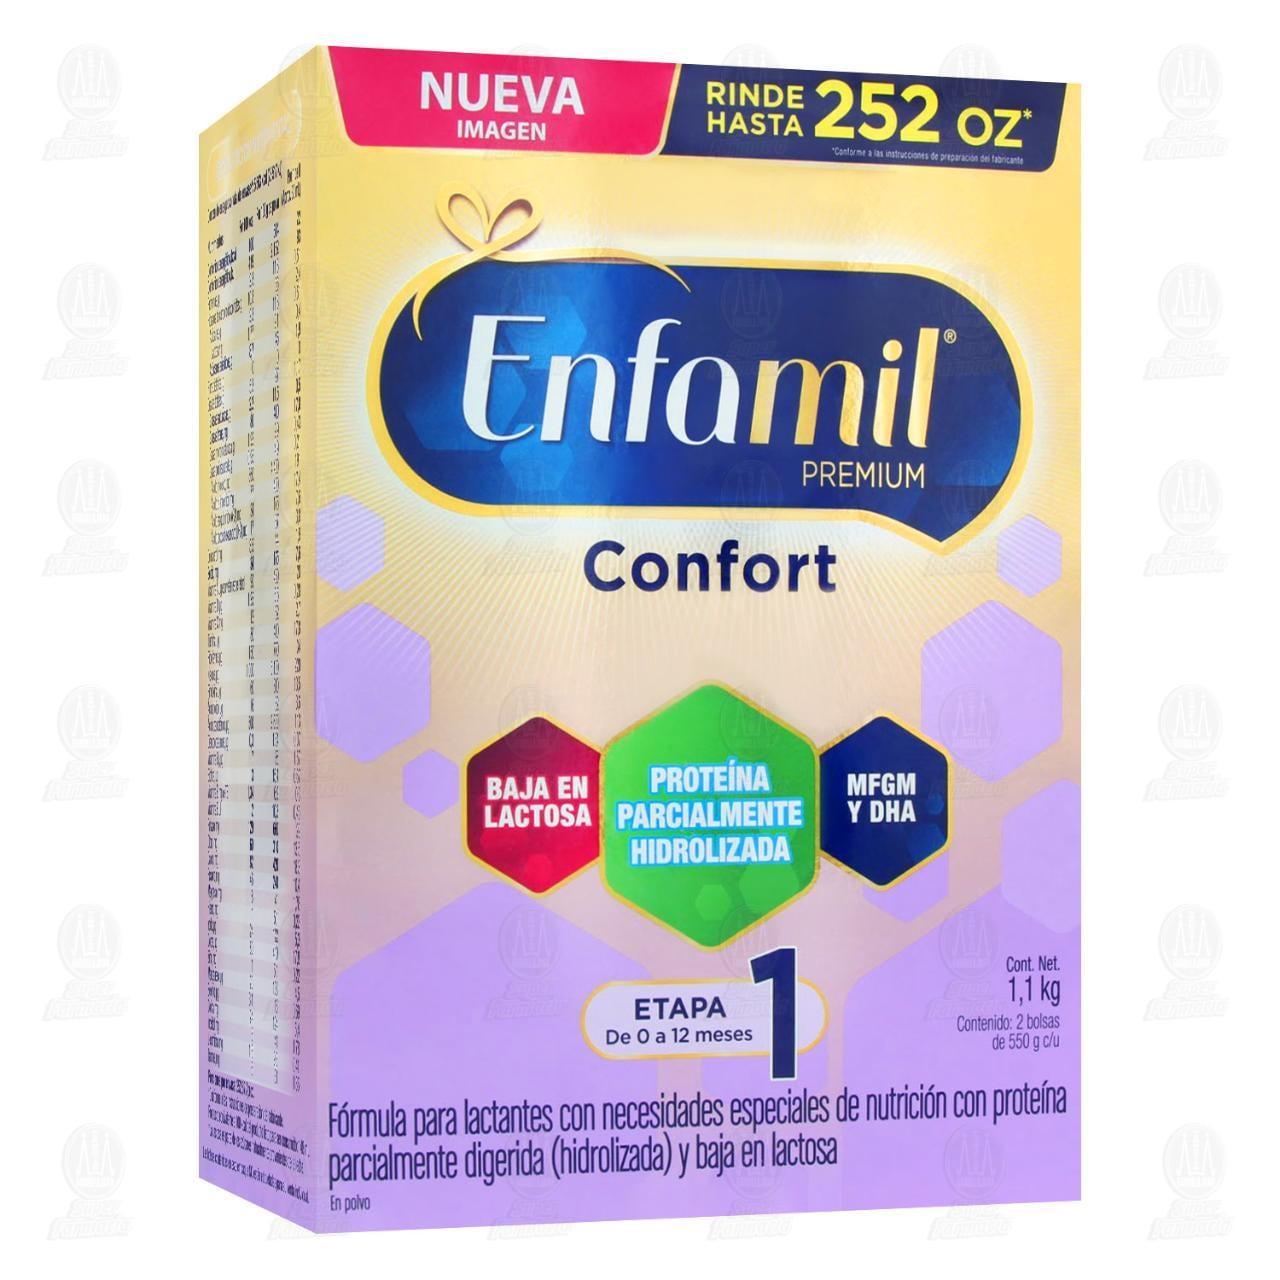 comprar https://www.movil.farmaciasguadalajara.com/wcsstore/FGCAS/wcs/products/1301993_A_1280_AL.jpg en farmacias guadalajara